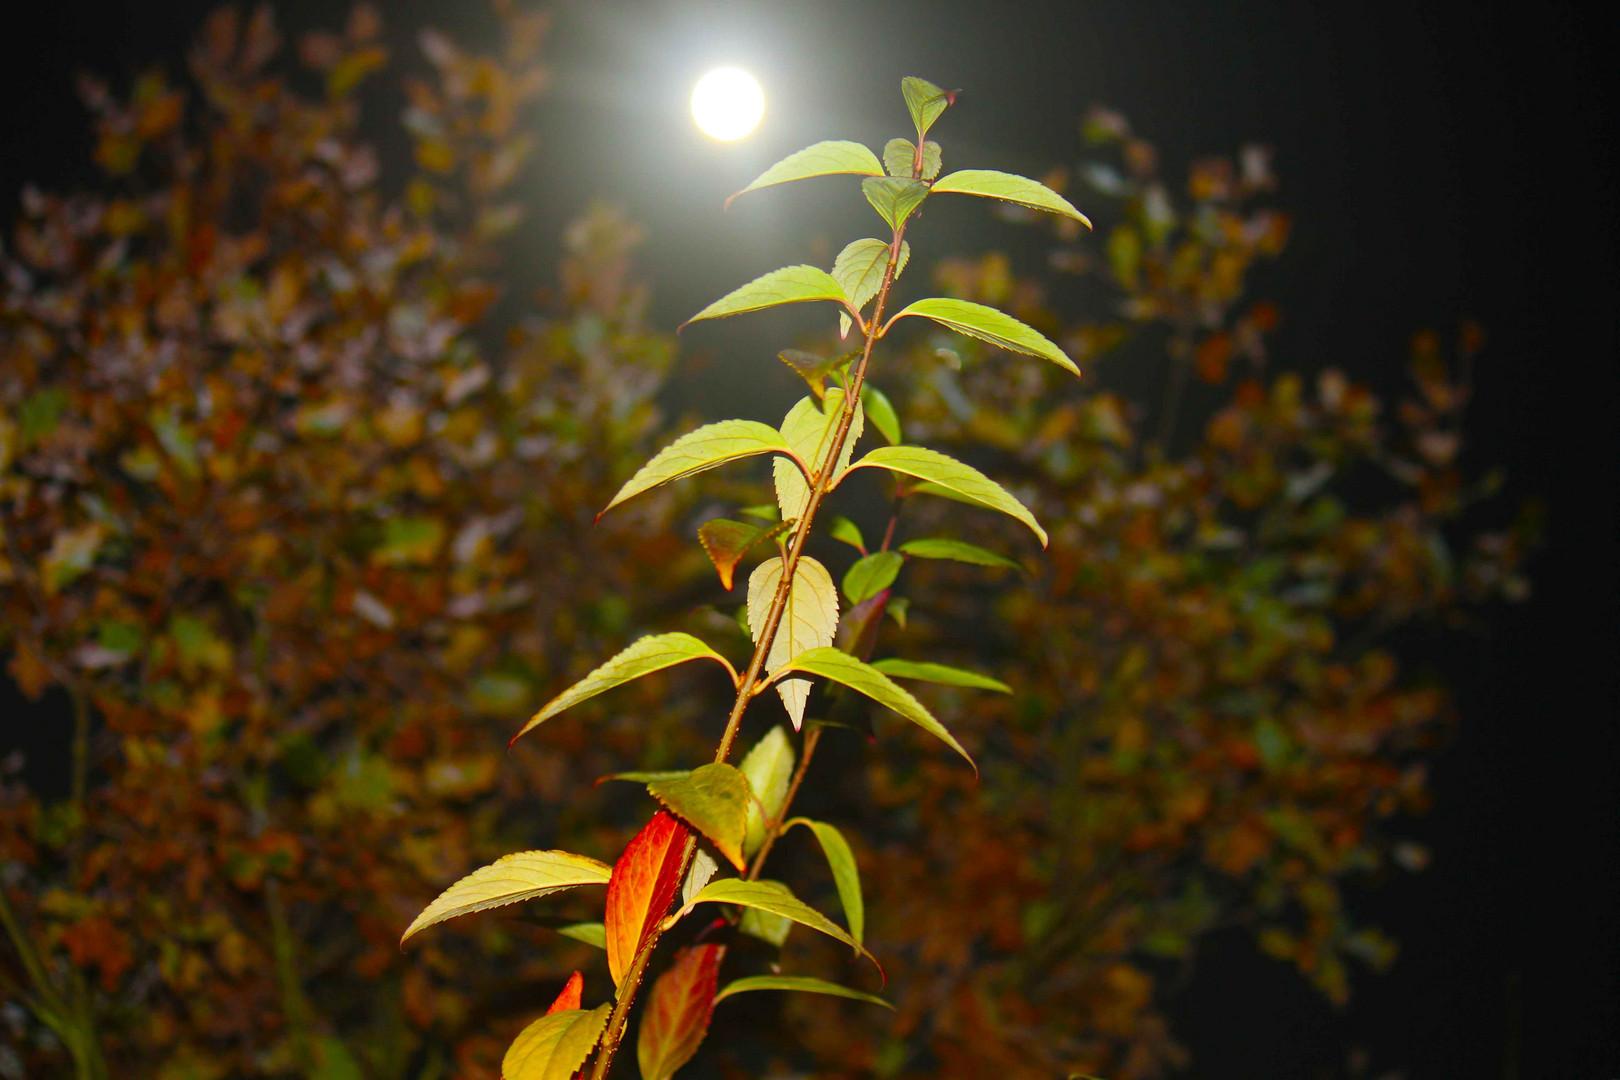 Herbst bei Vollmond